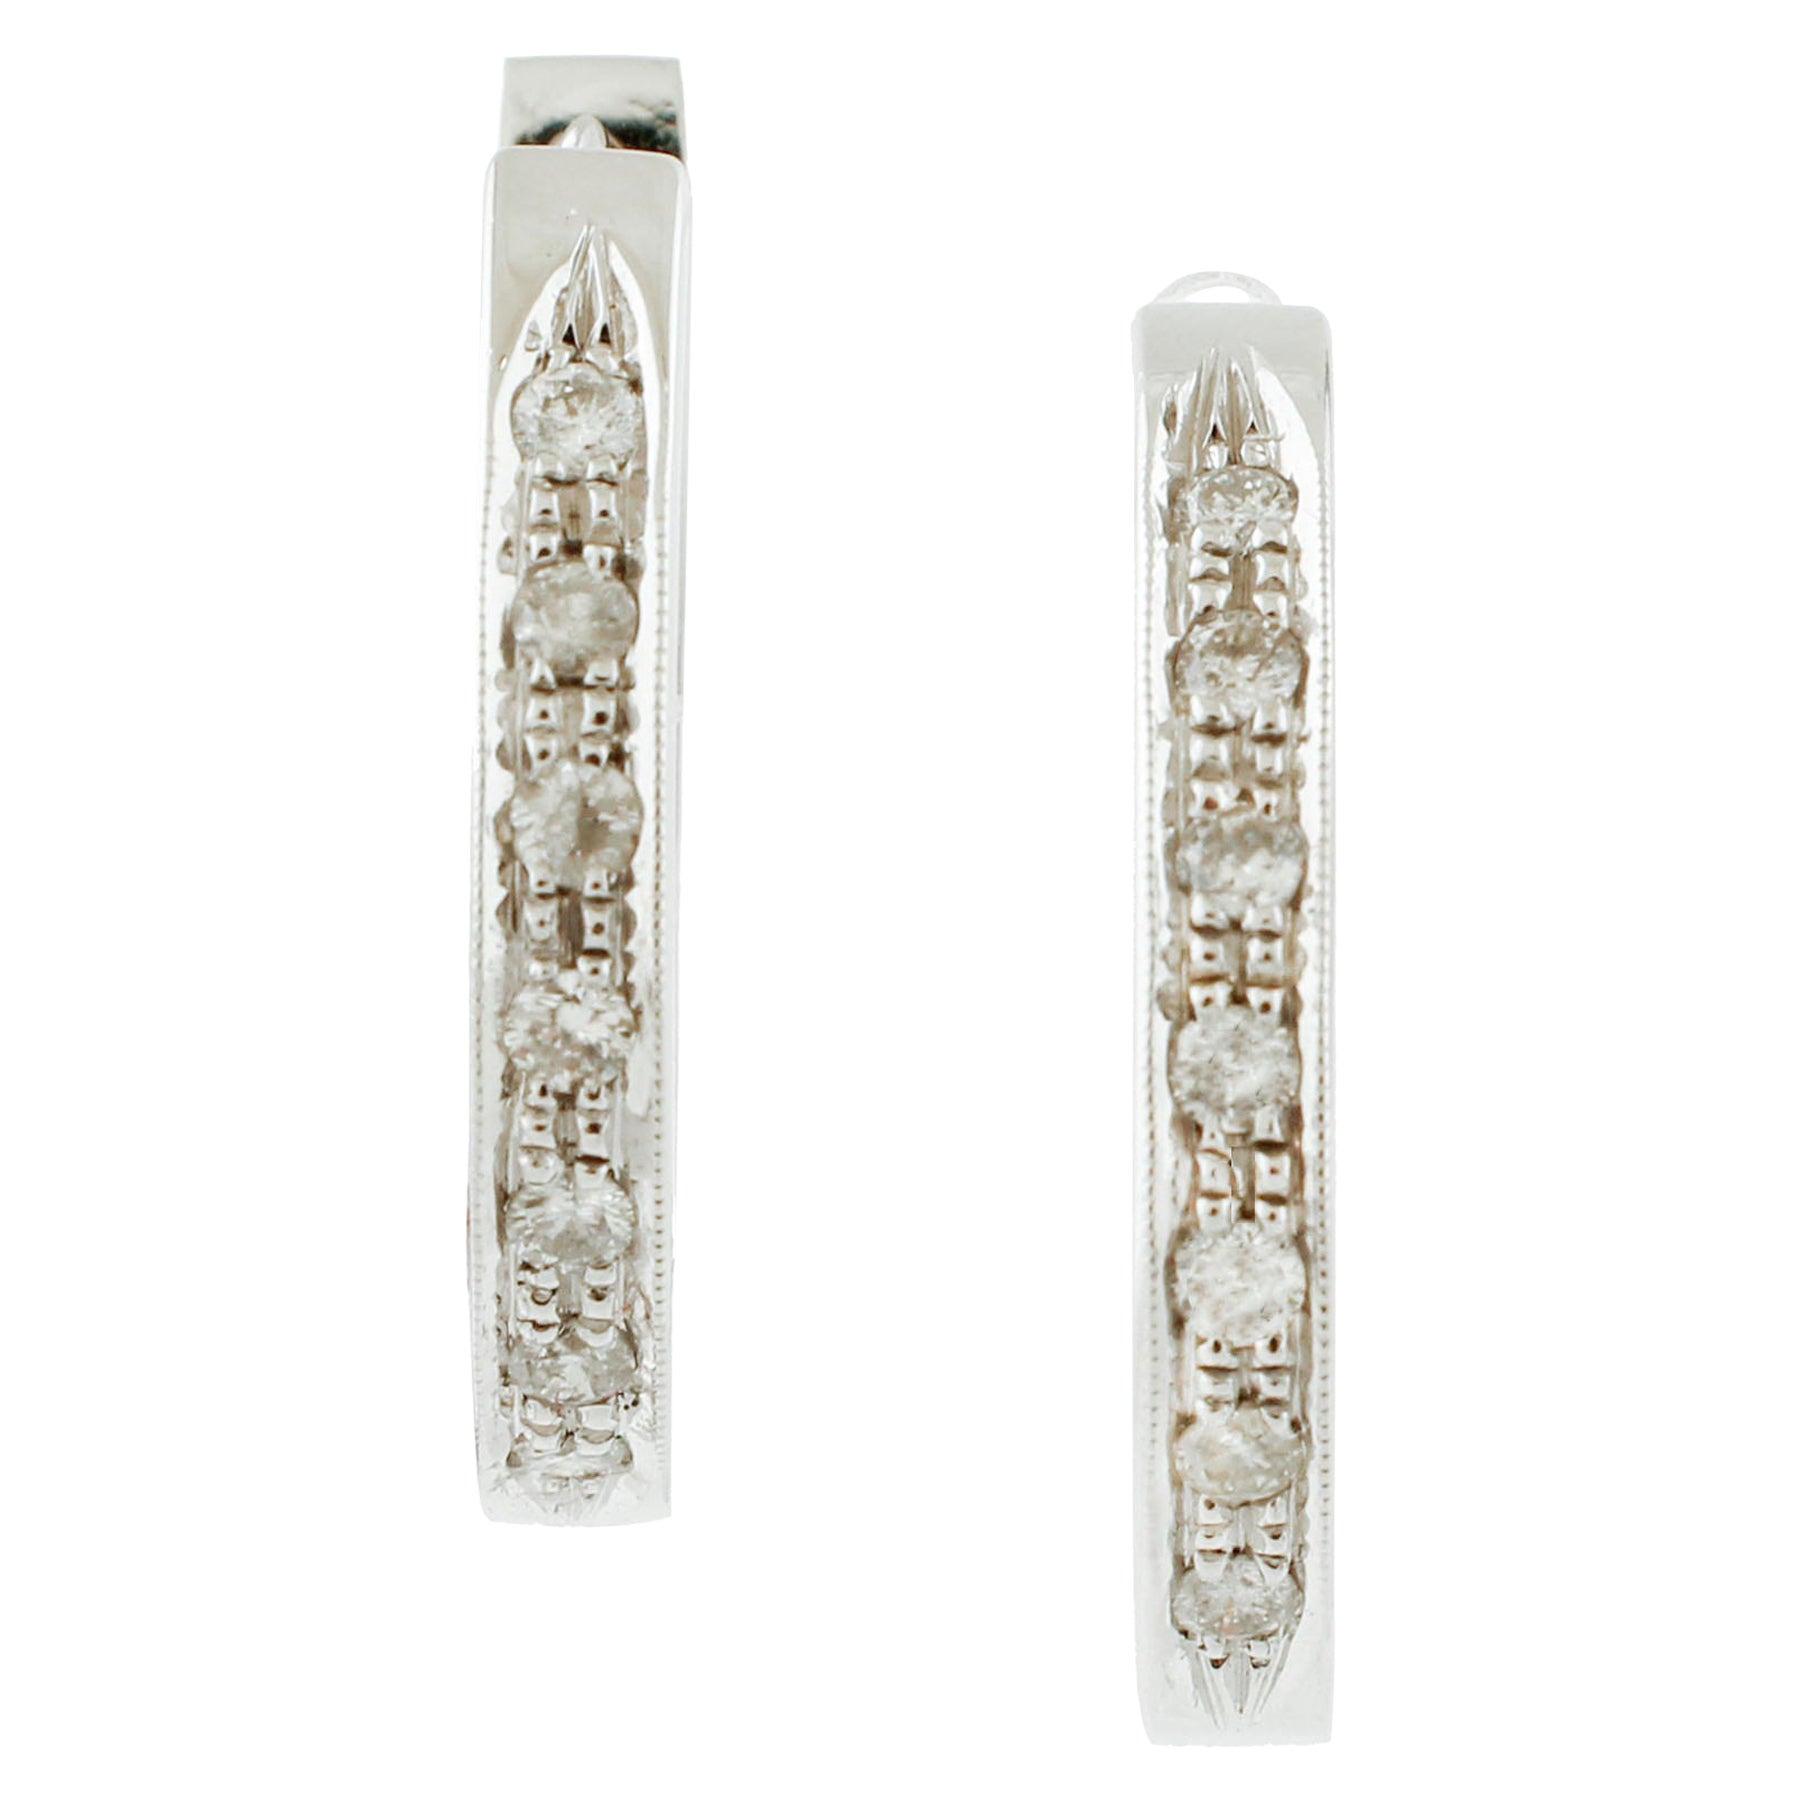 White Diamonds, 18 Karat White Gold Modern Style Hoop Earrings